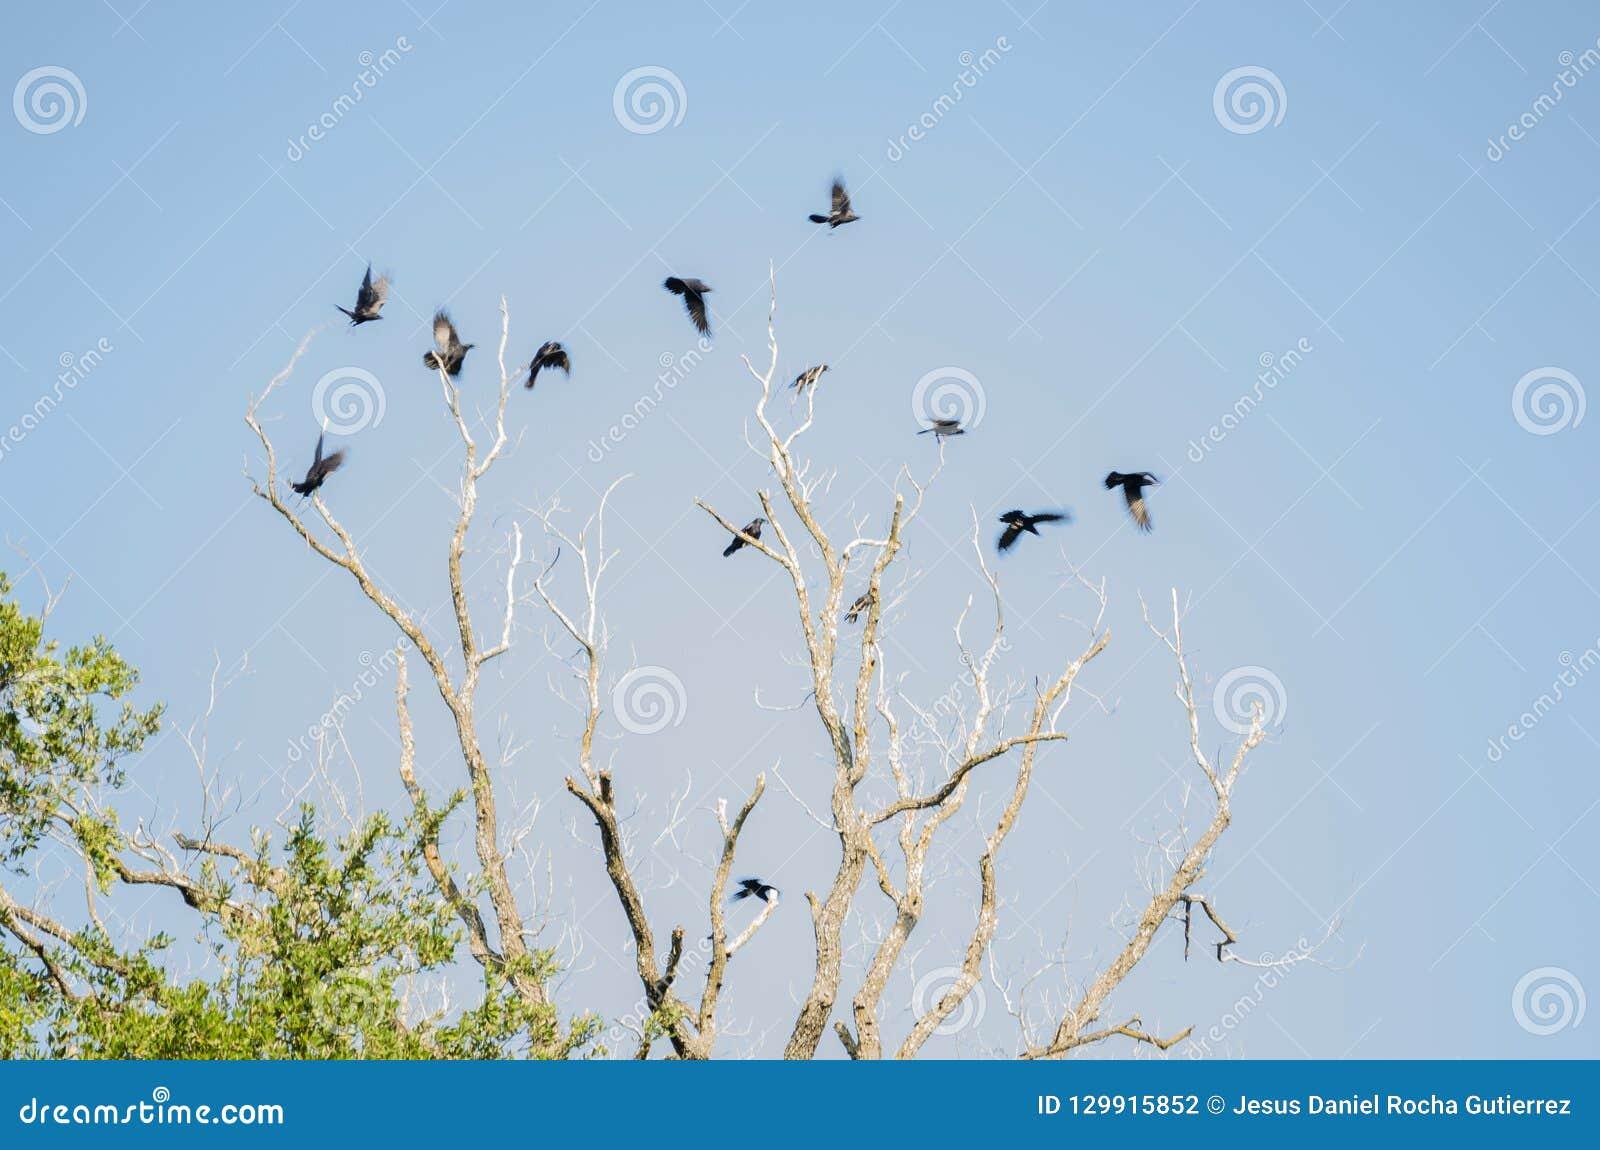 Grupo de muchos cuervos que vuelan sobre un árbol seco grande, fondo de un cielo azul claro